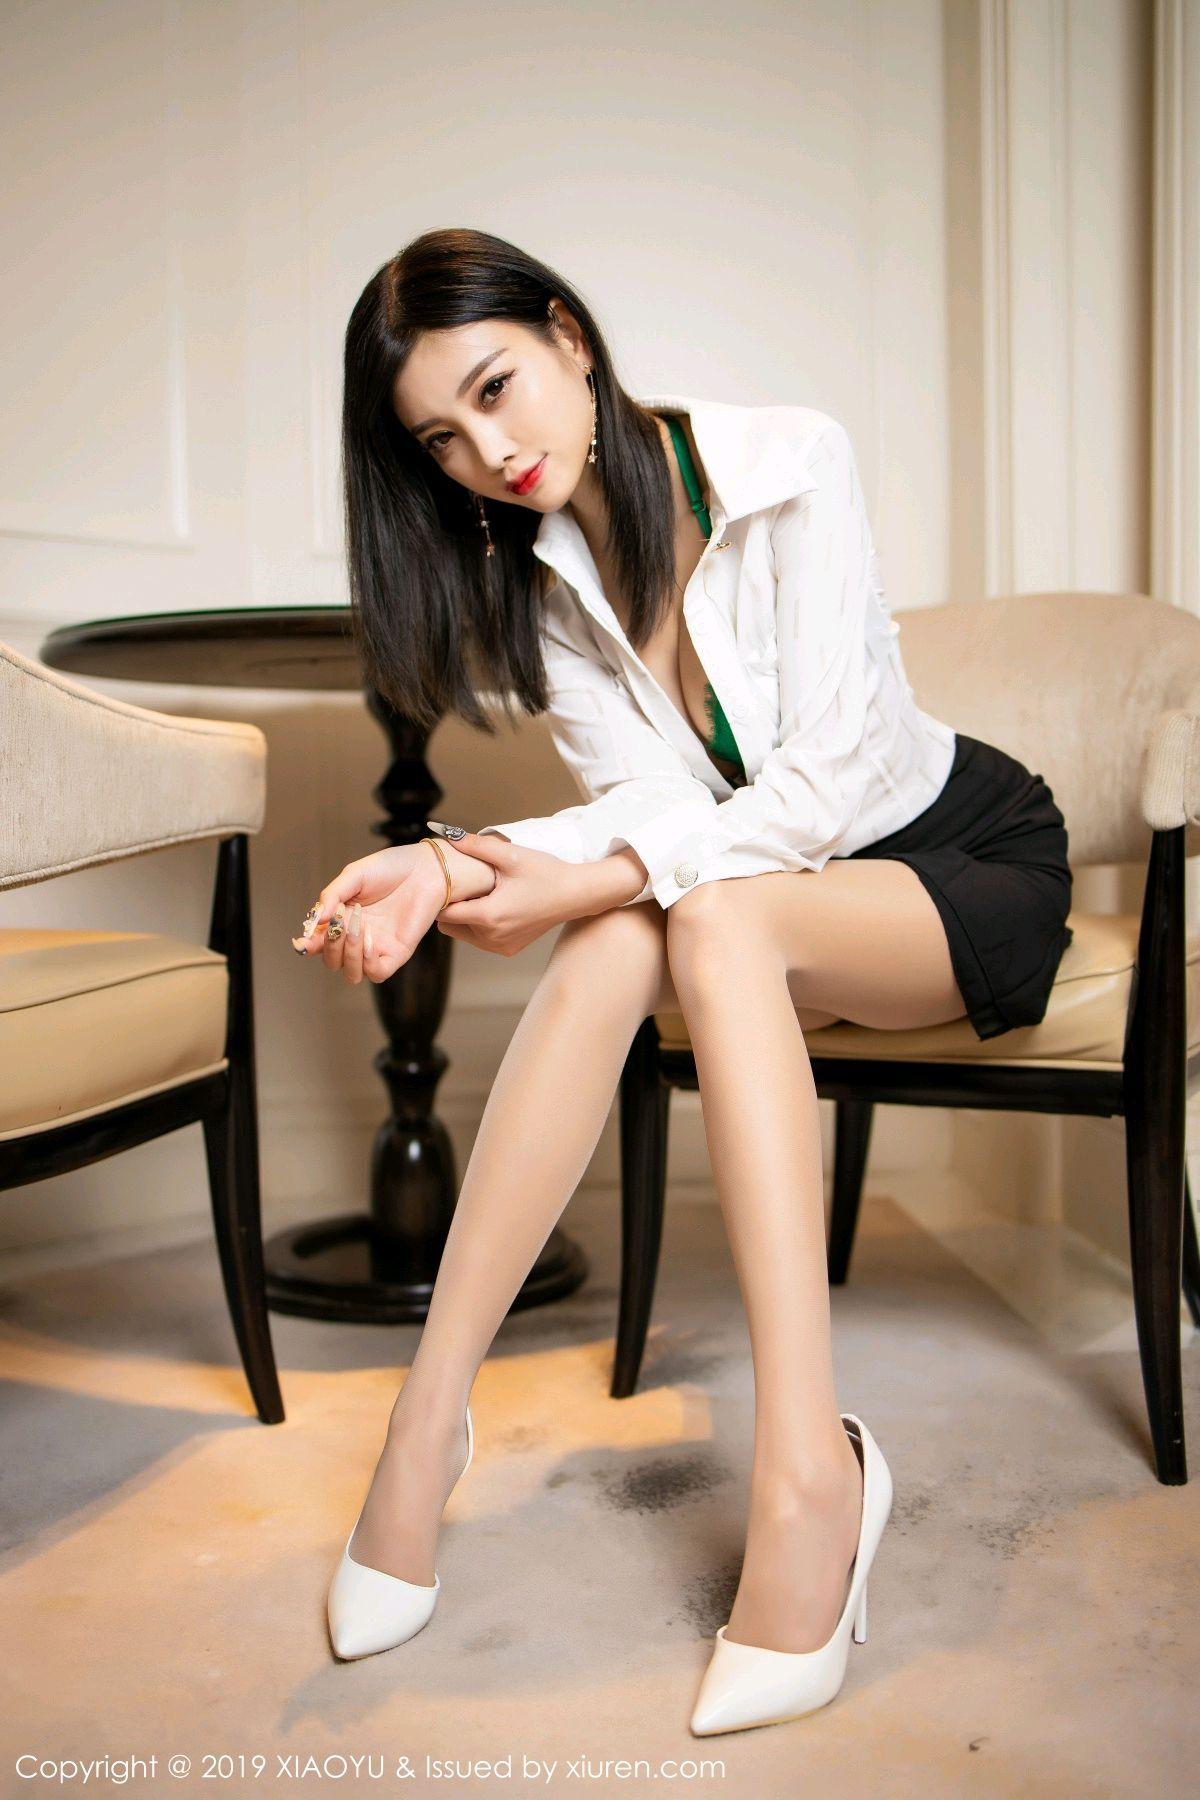 [XiaoYu] Vol.224 Yang Chen Chen 22P, Tall, Underwear, XiaoYu, Yang Chen Chen